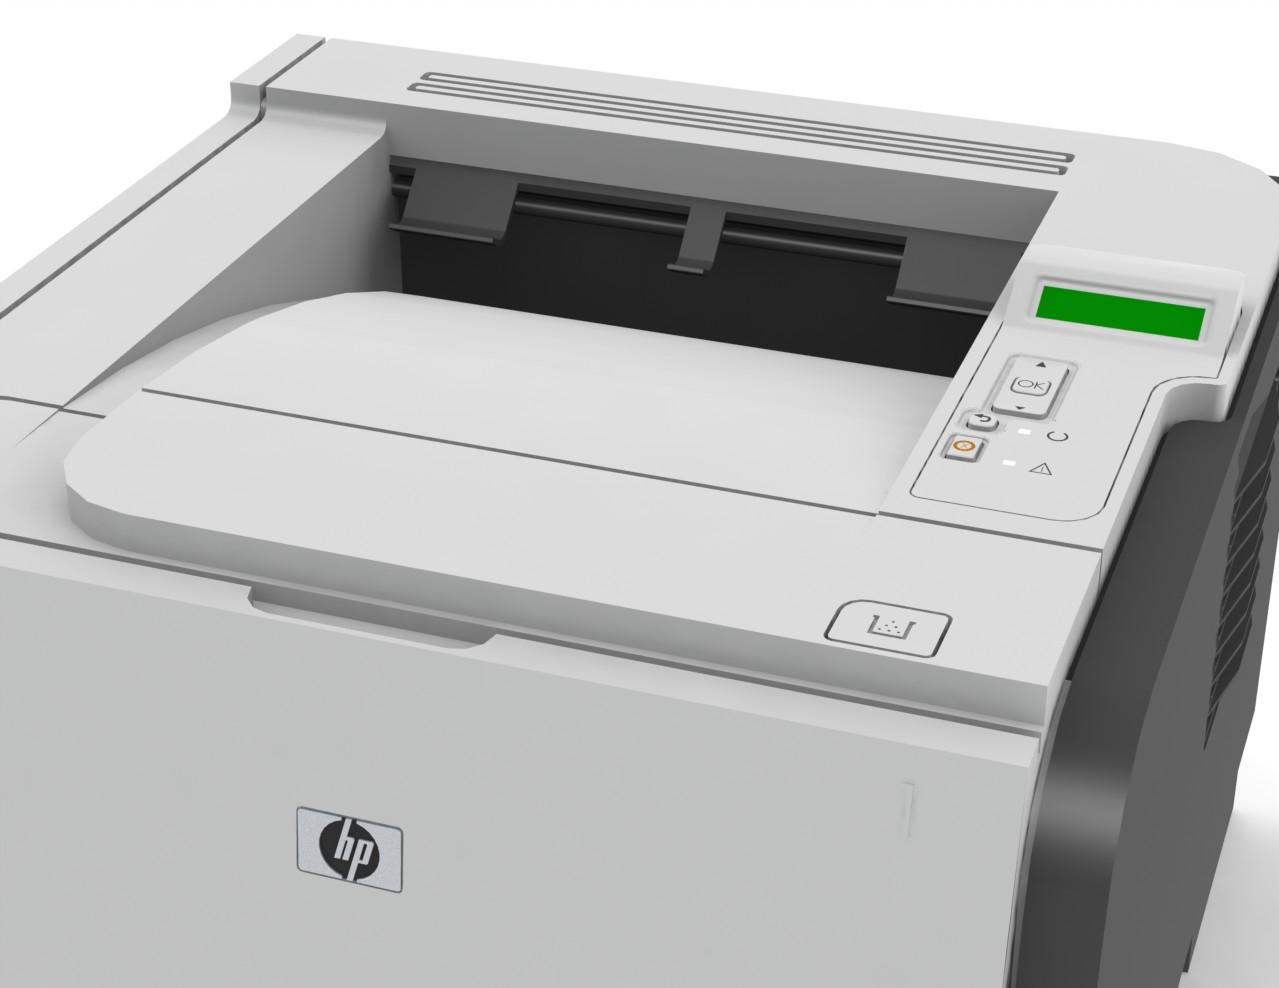 Скачать драйвер для принтера hp deskjet 2055